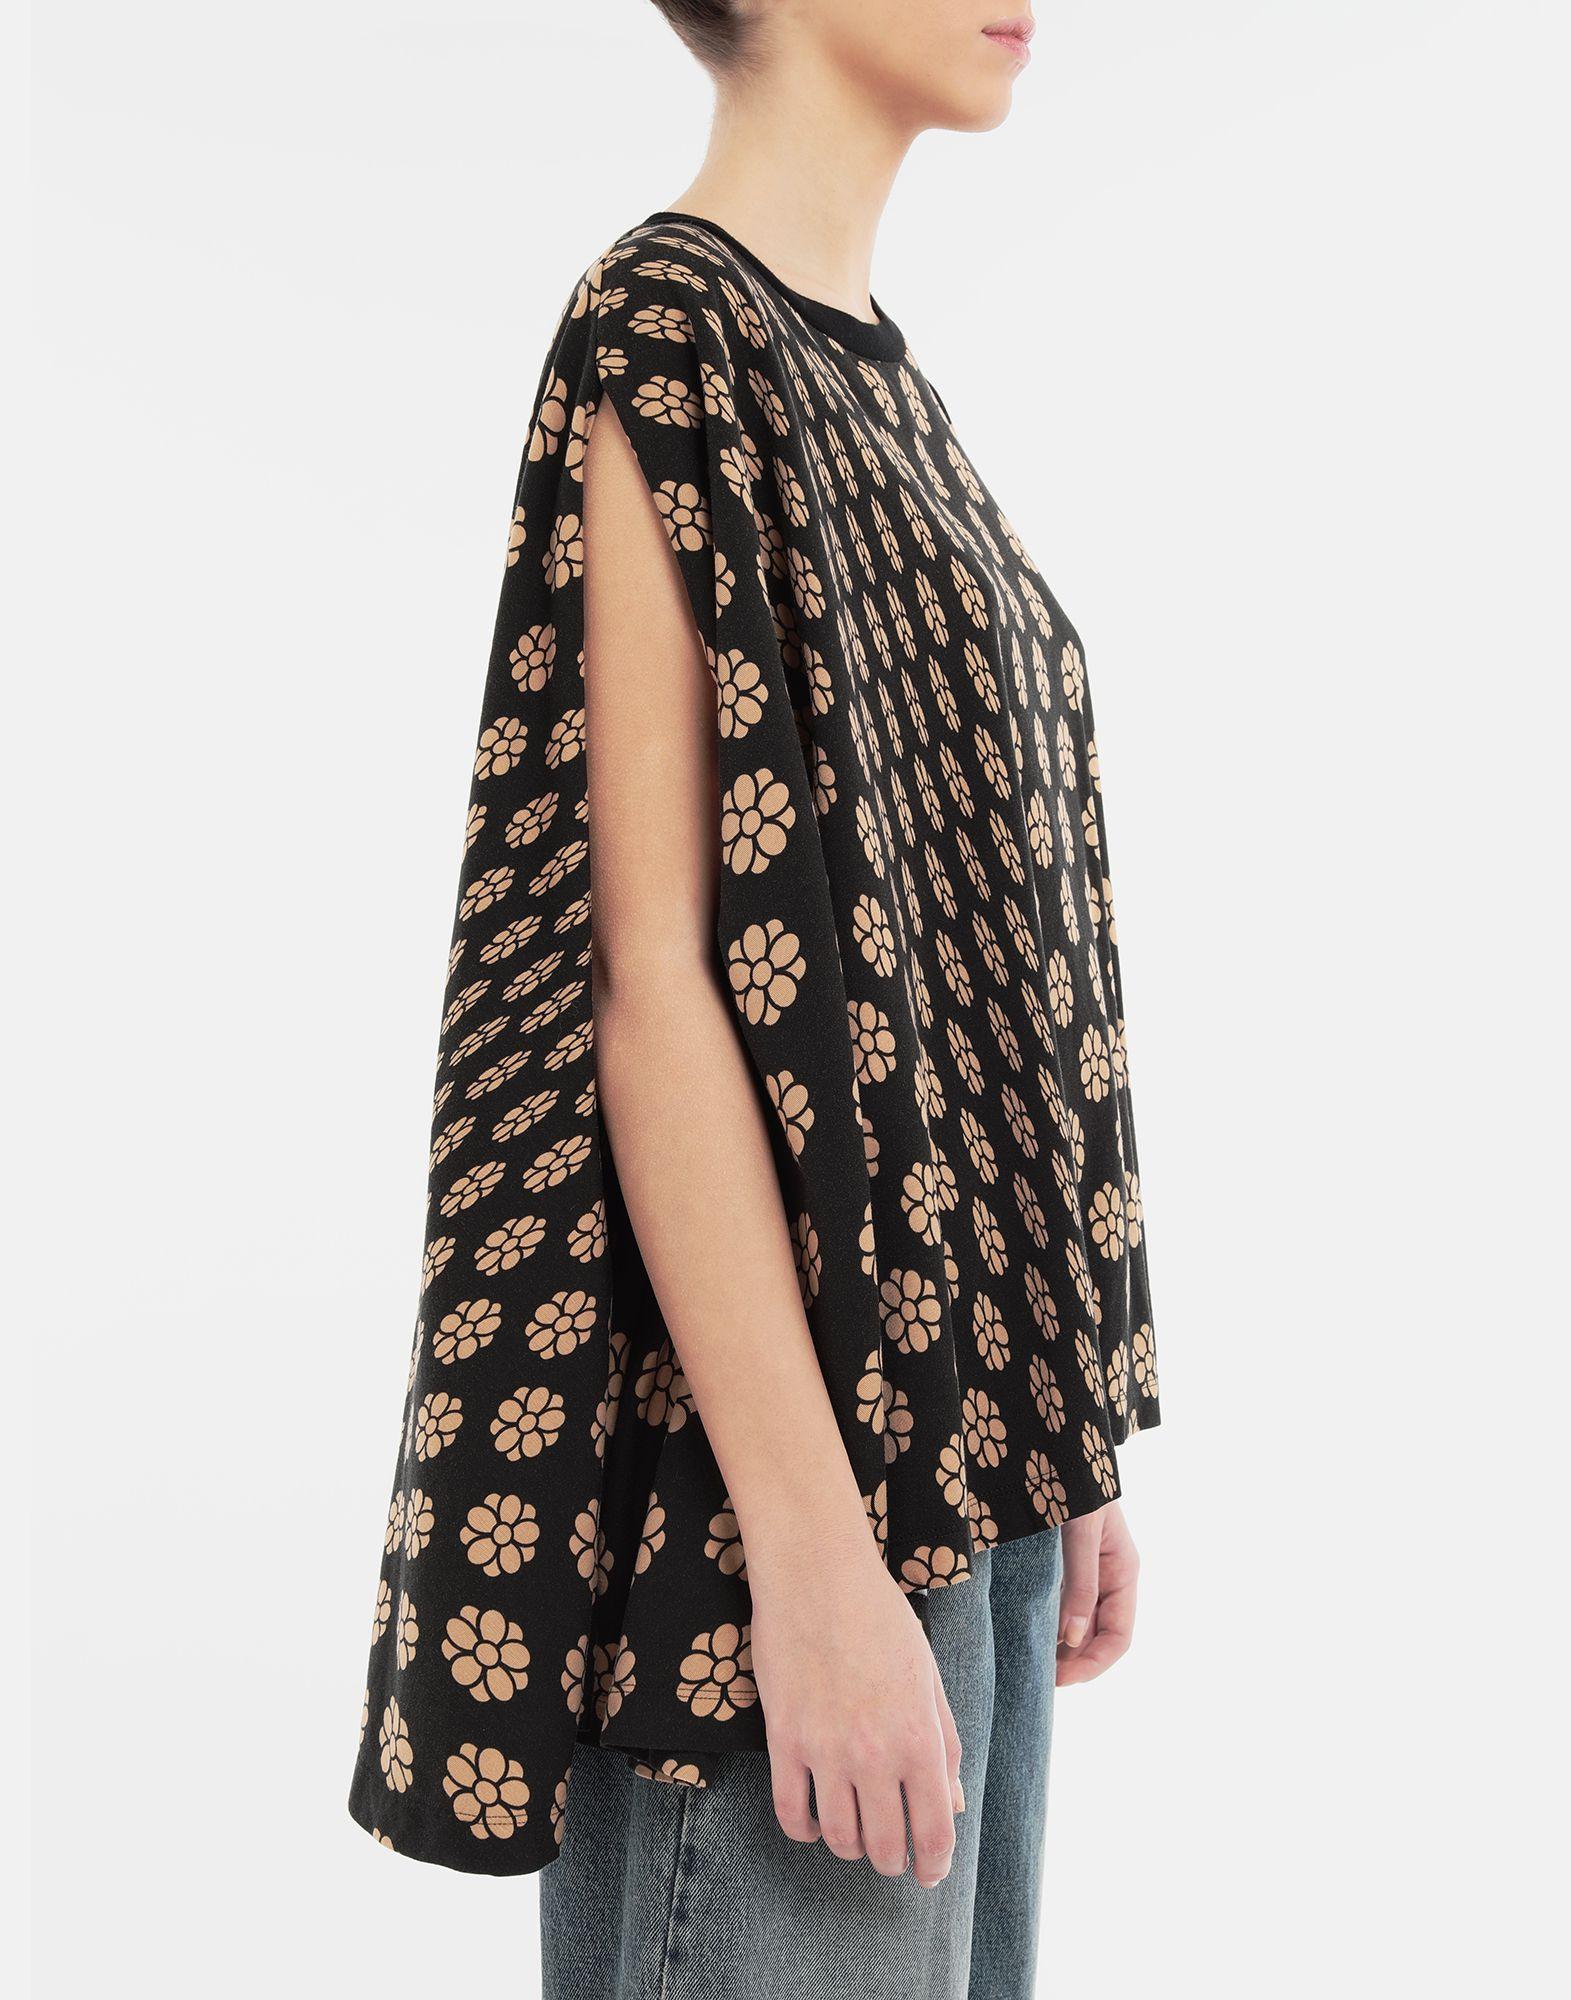 MM6 MAISON MARGIELA Polka dot flower-print jersey shirt Short sleeve t-shirt Woman b